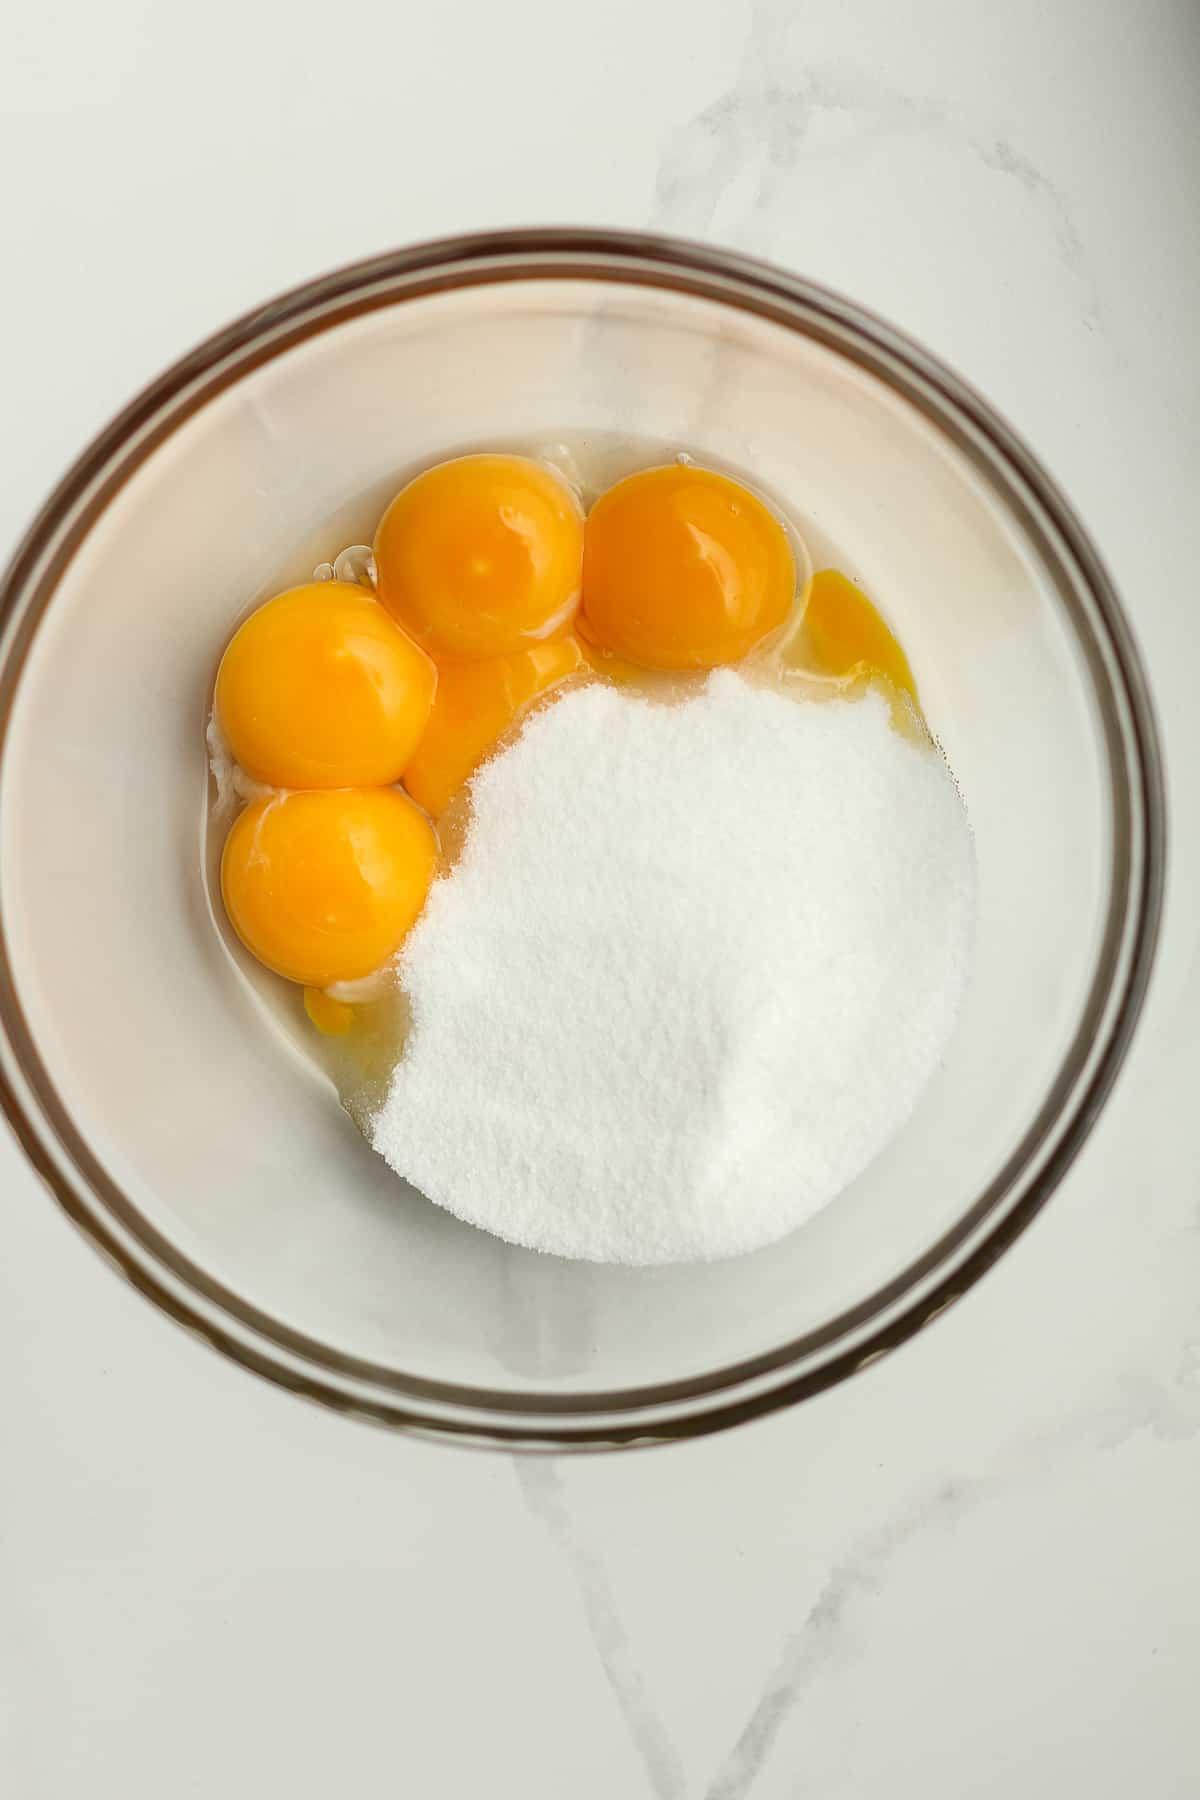 Egg yolks plus sugar in a bowl.